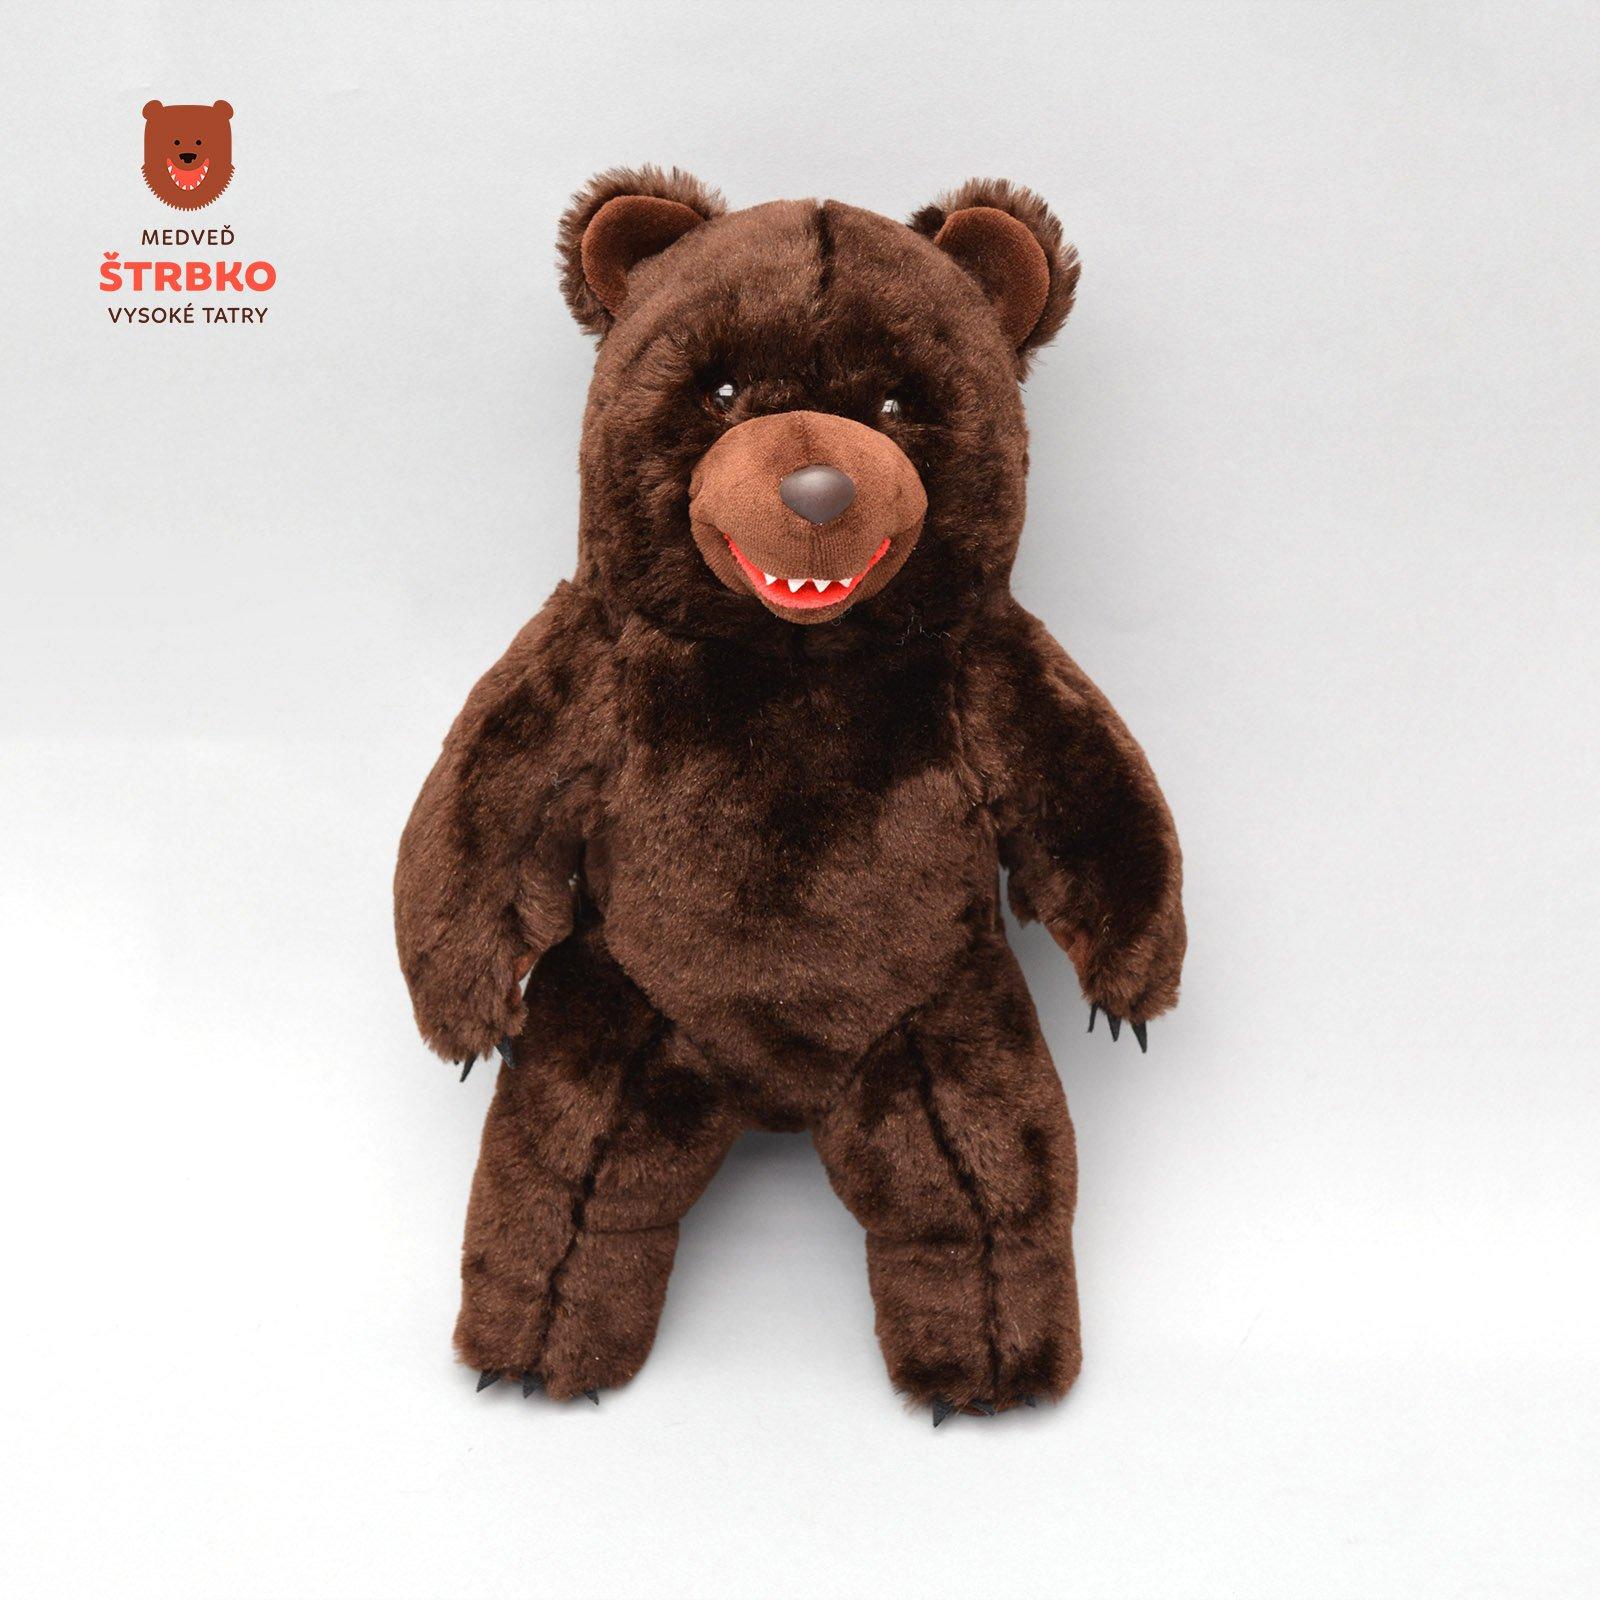 Medveď ŠTRBKO